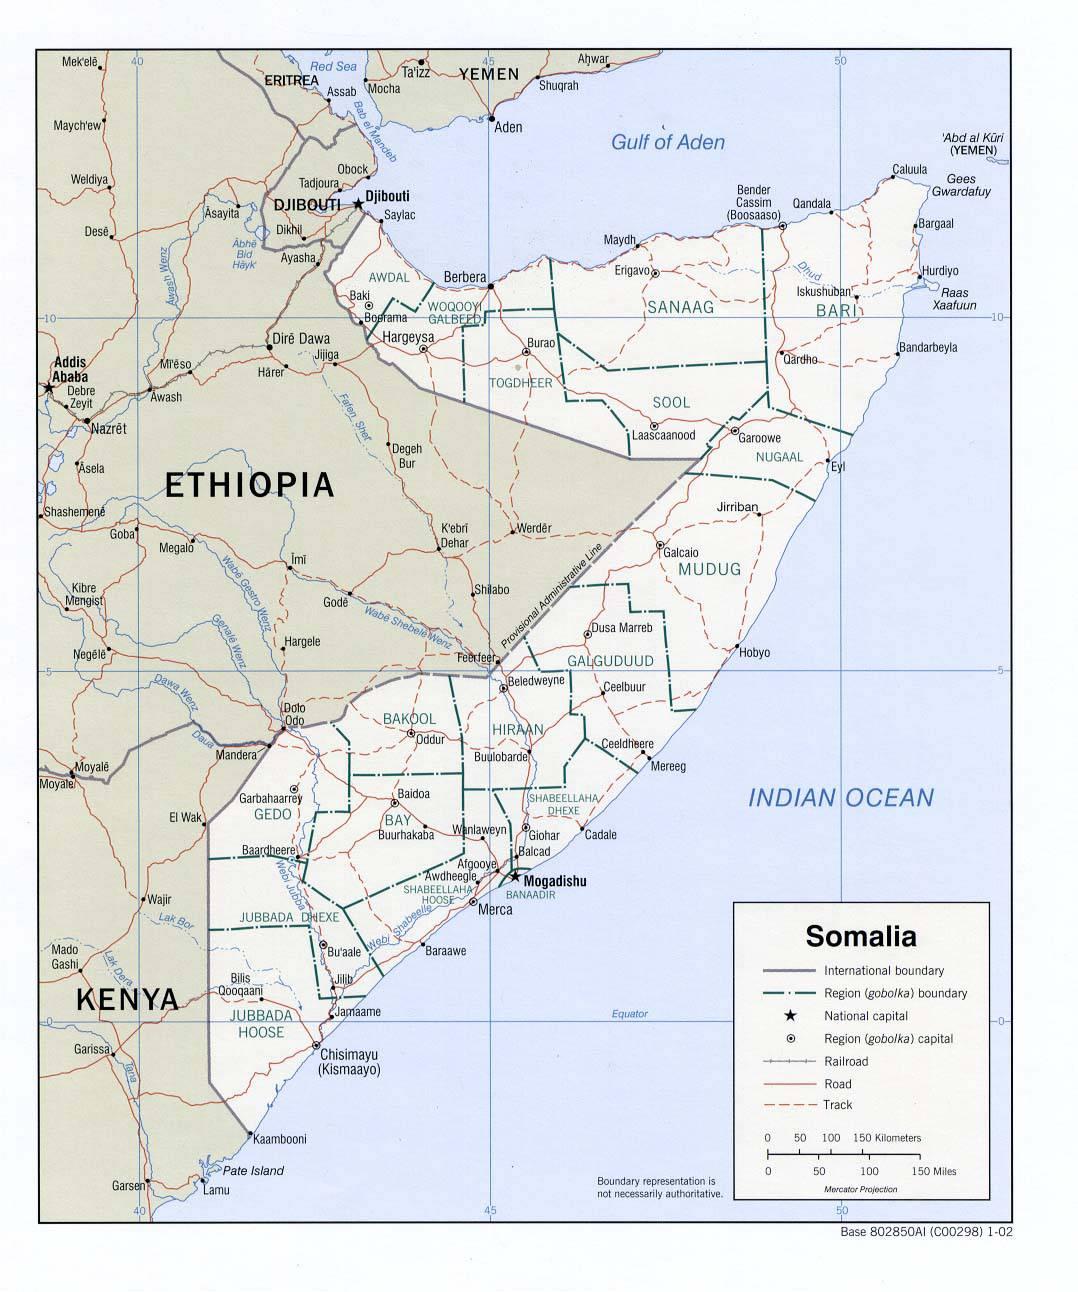 Carte politique de la Somalie